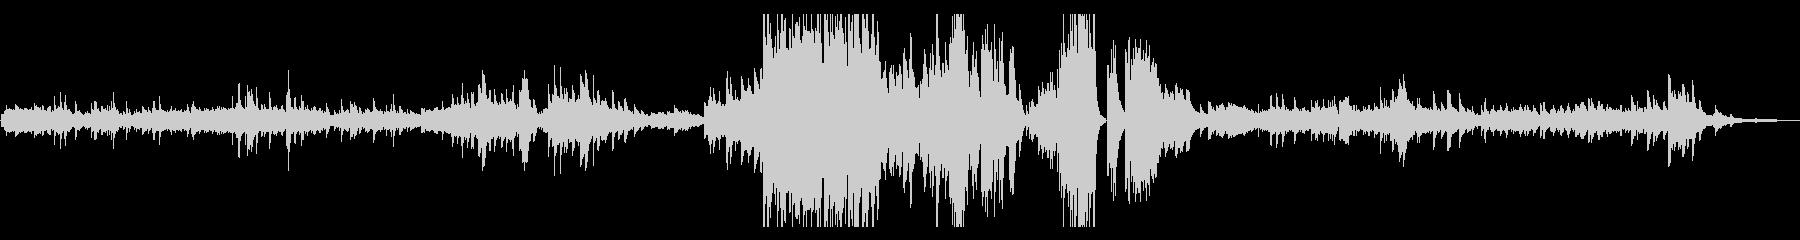 ノクターン(夜想曲) 第7番 ショパンの未再生の波形